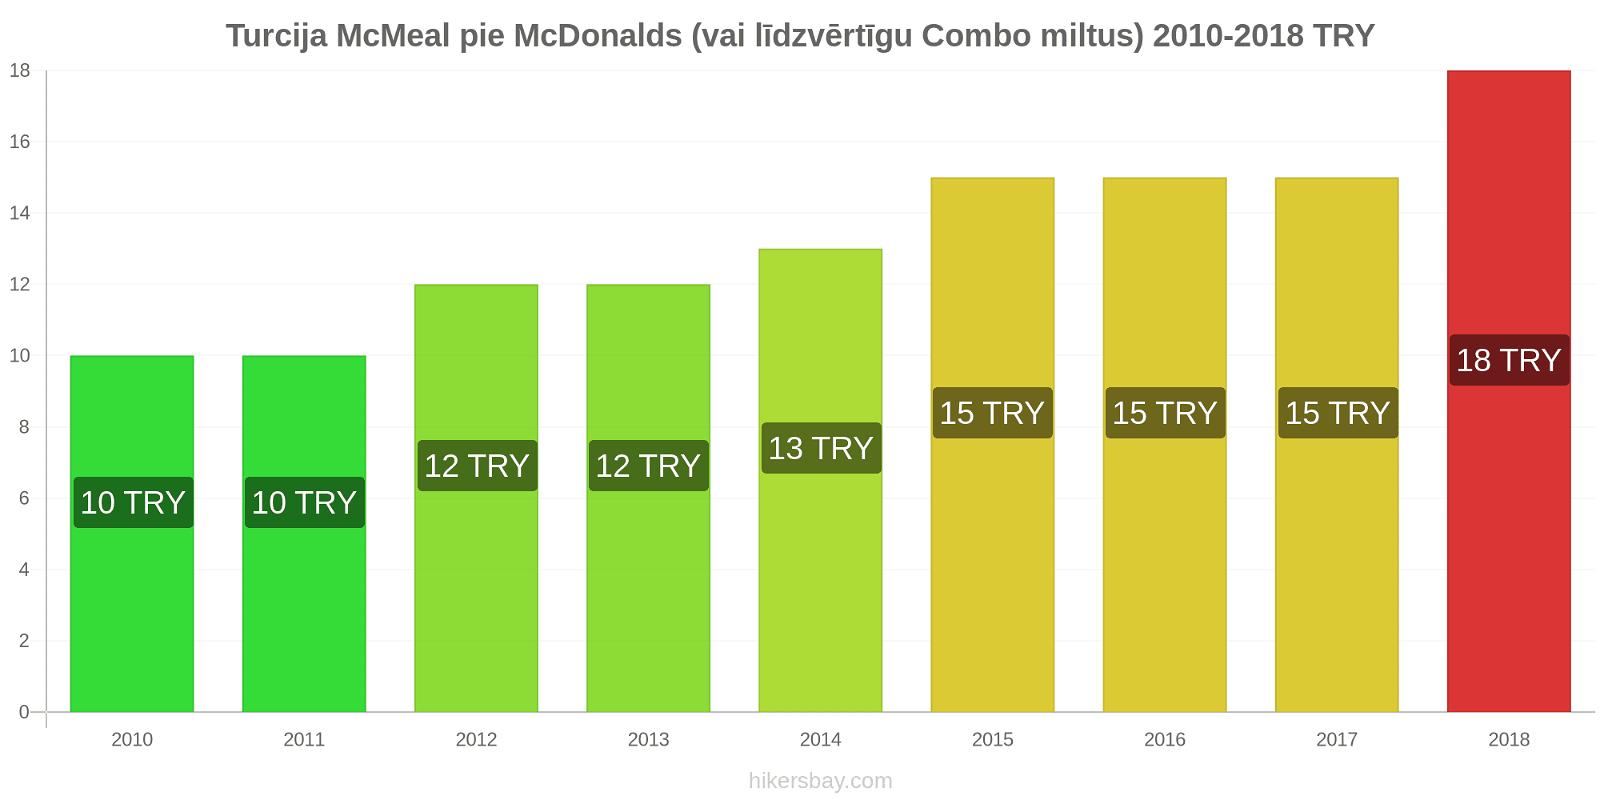 Turcija cenu izmaiņas McMeal pie McDonalds (vai līdzvērtīgu Combo miltus) hikersbay.com